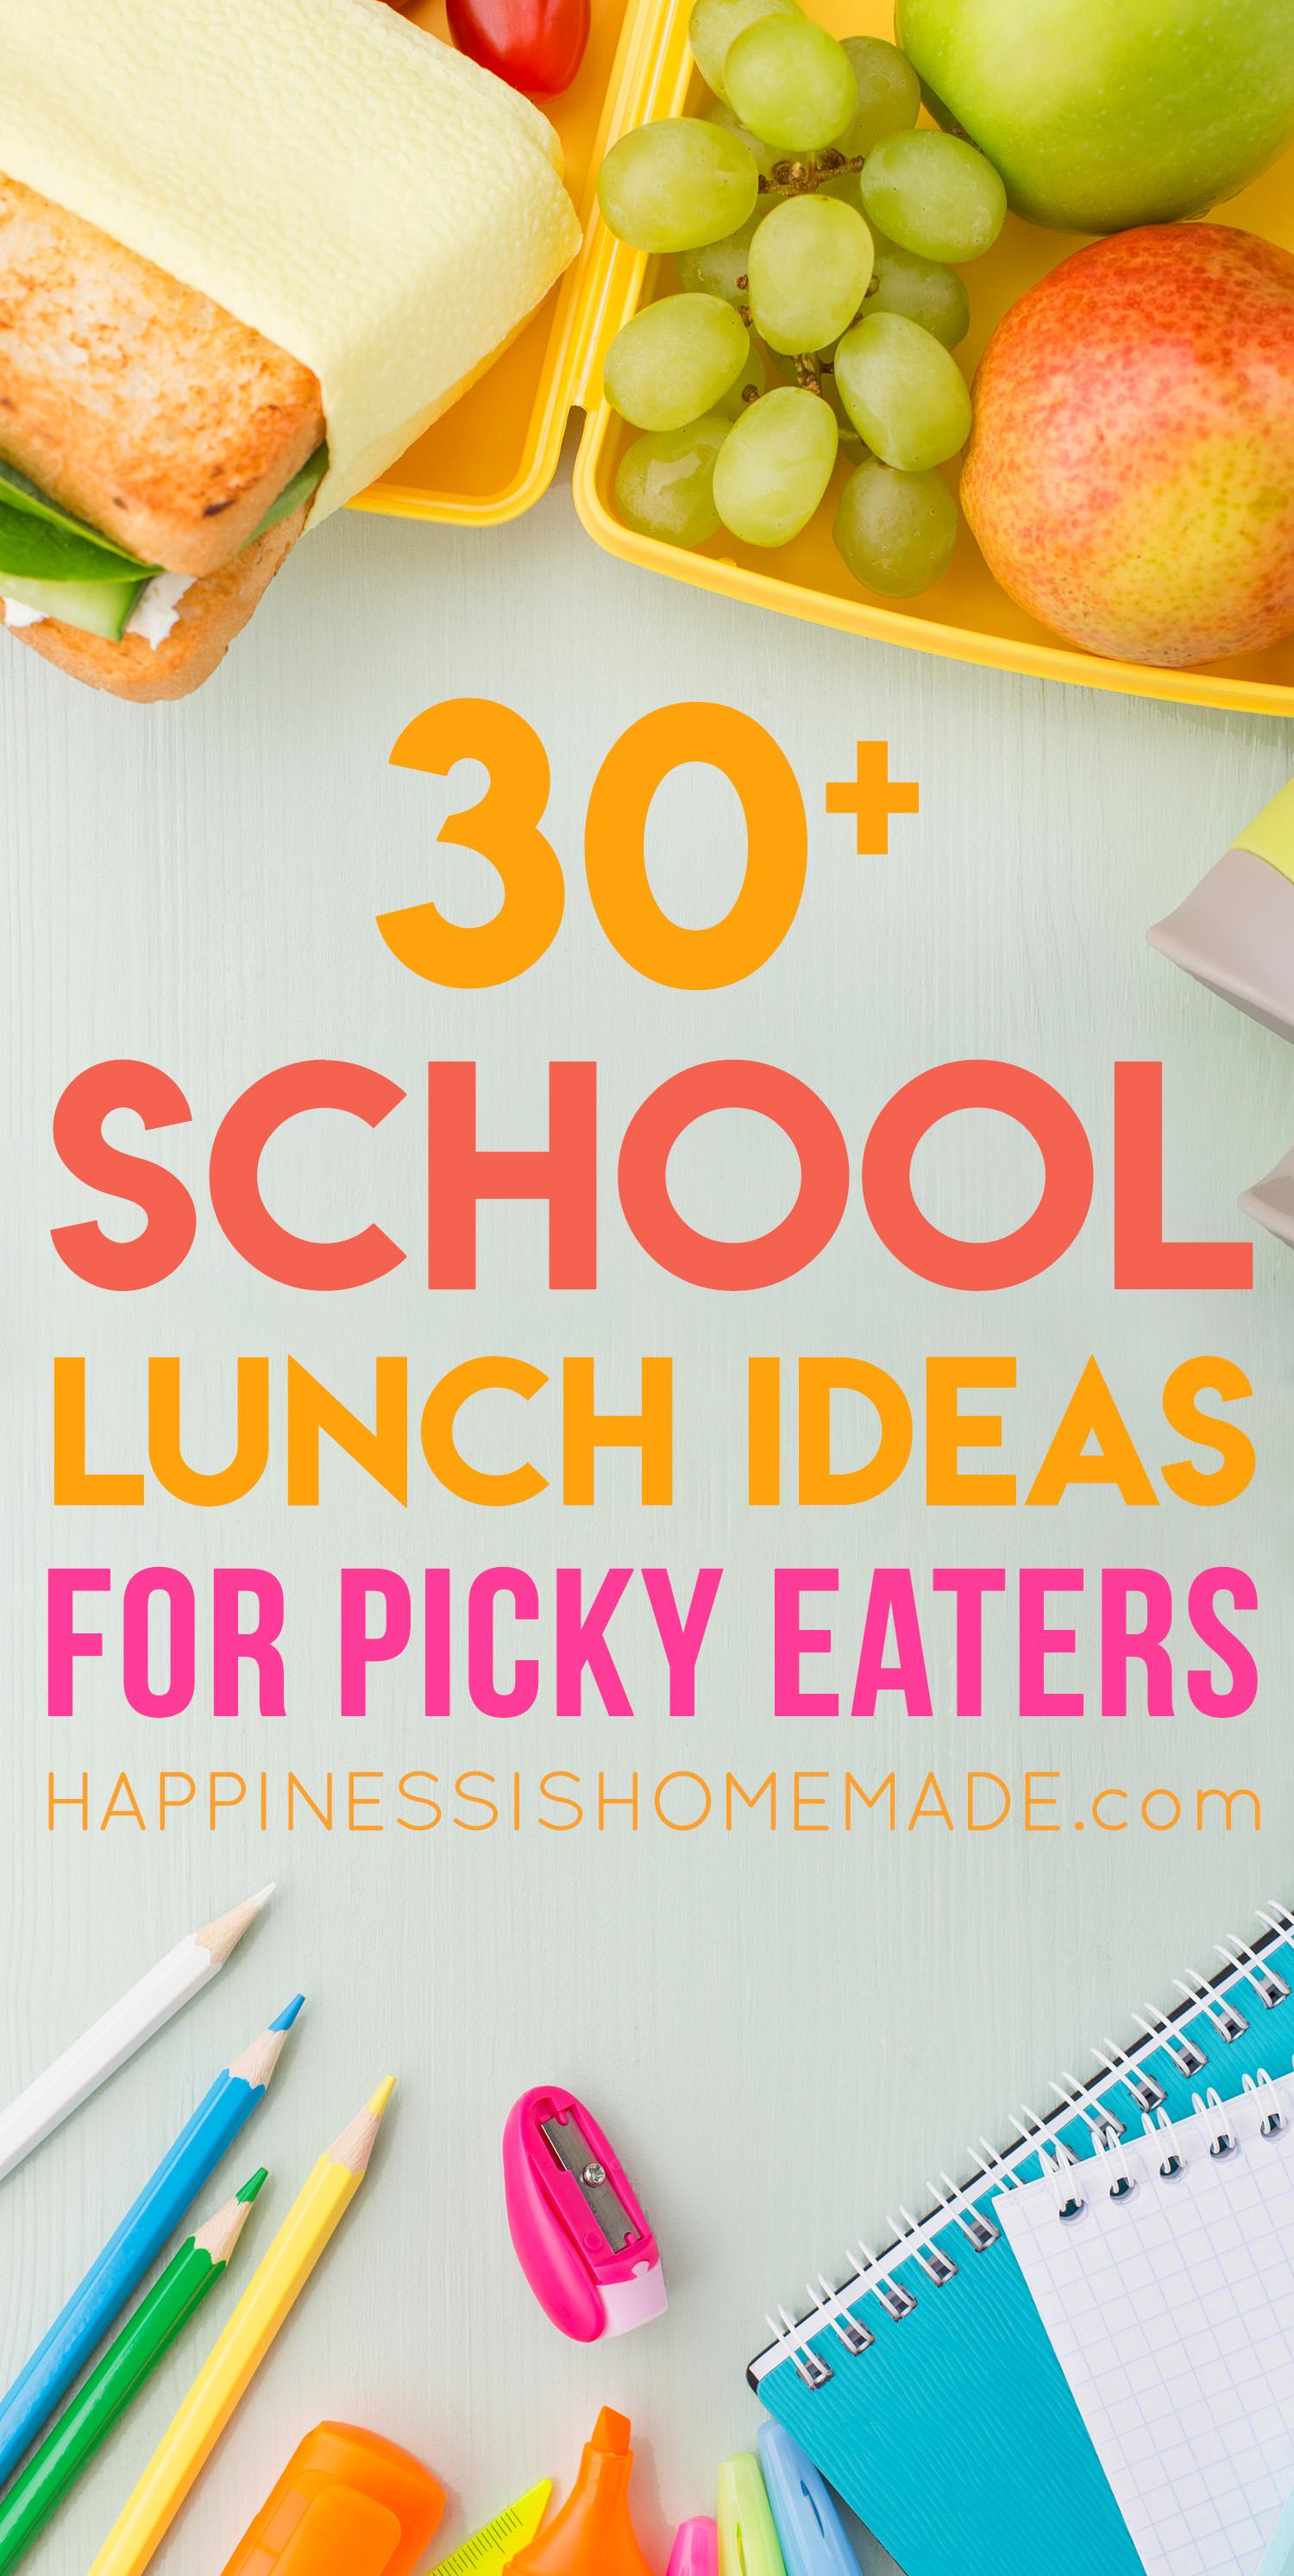 30 school lunch ideas